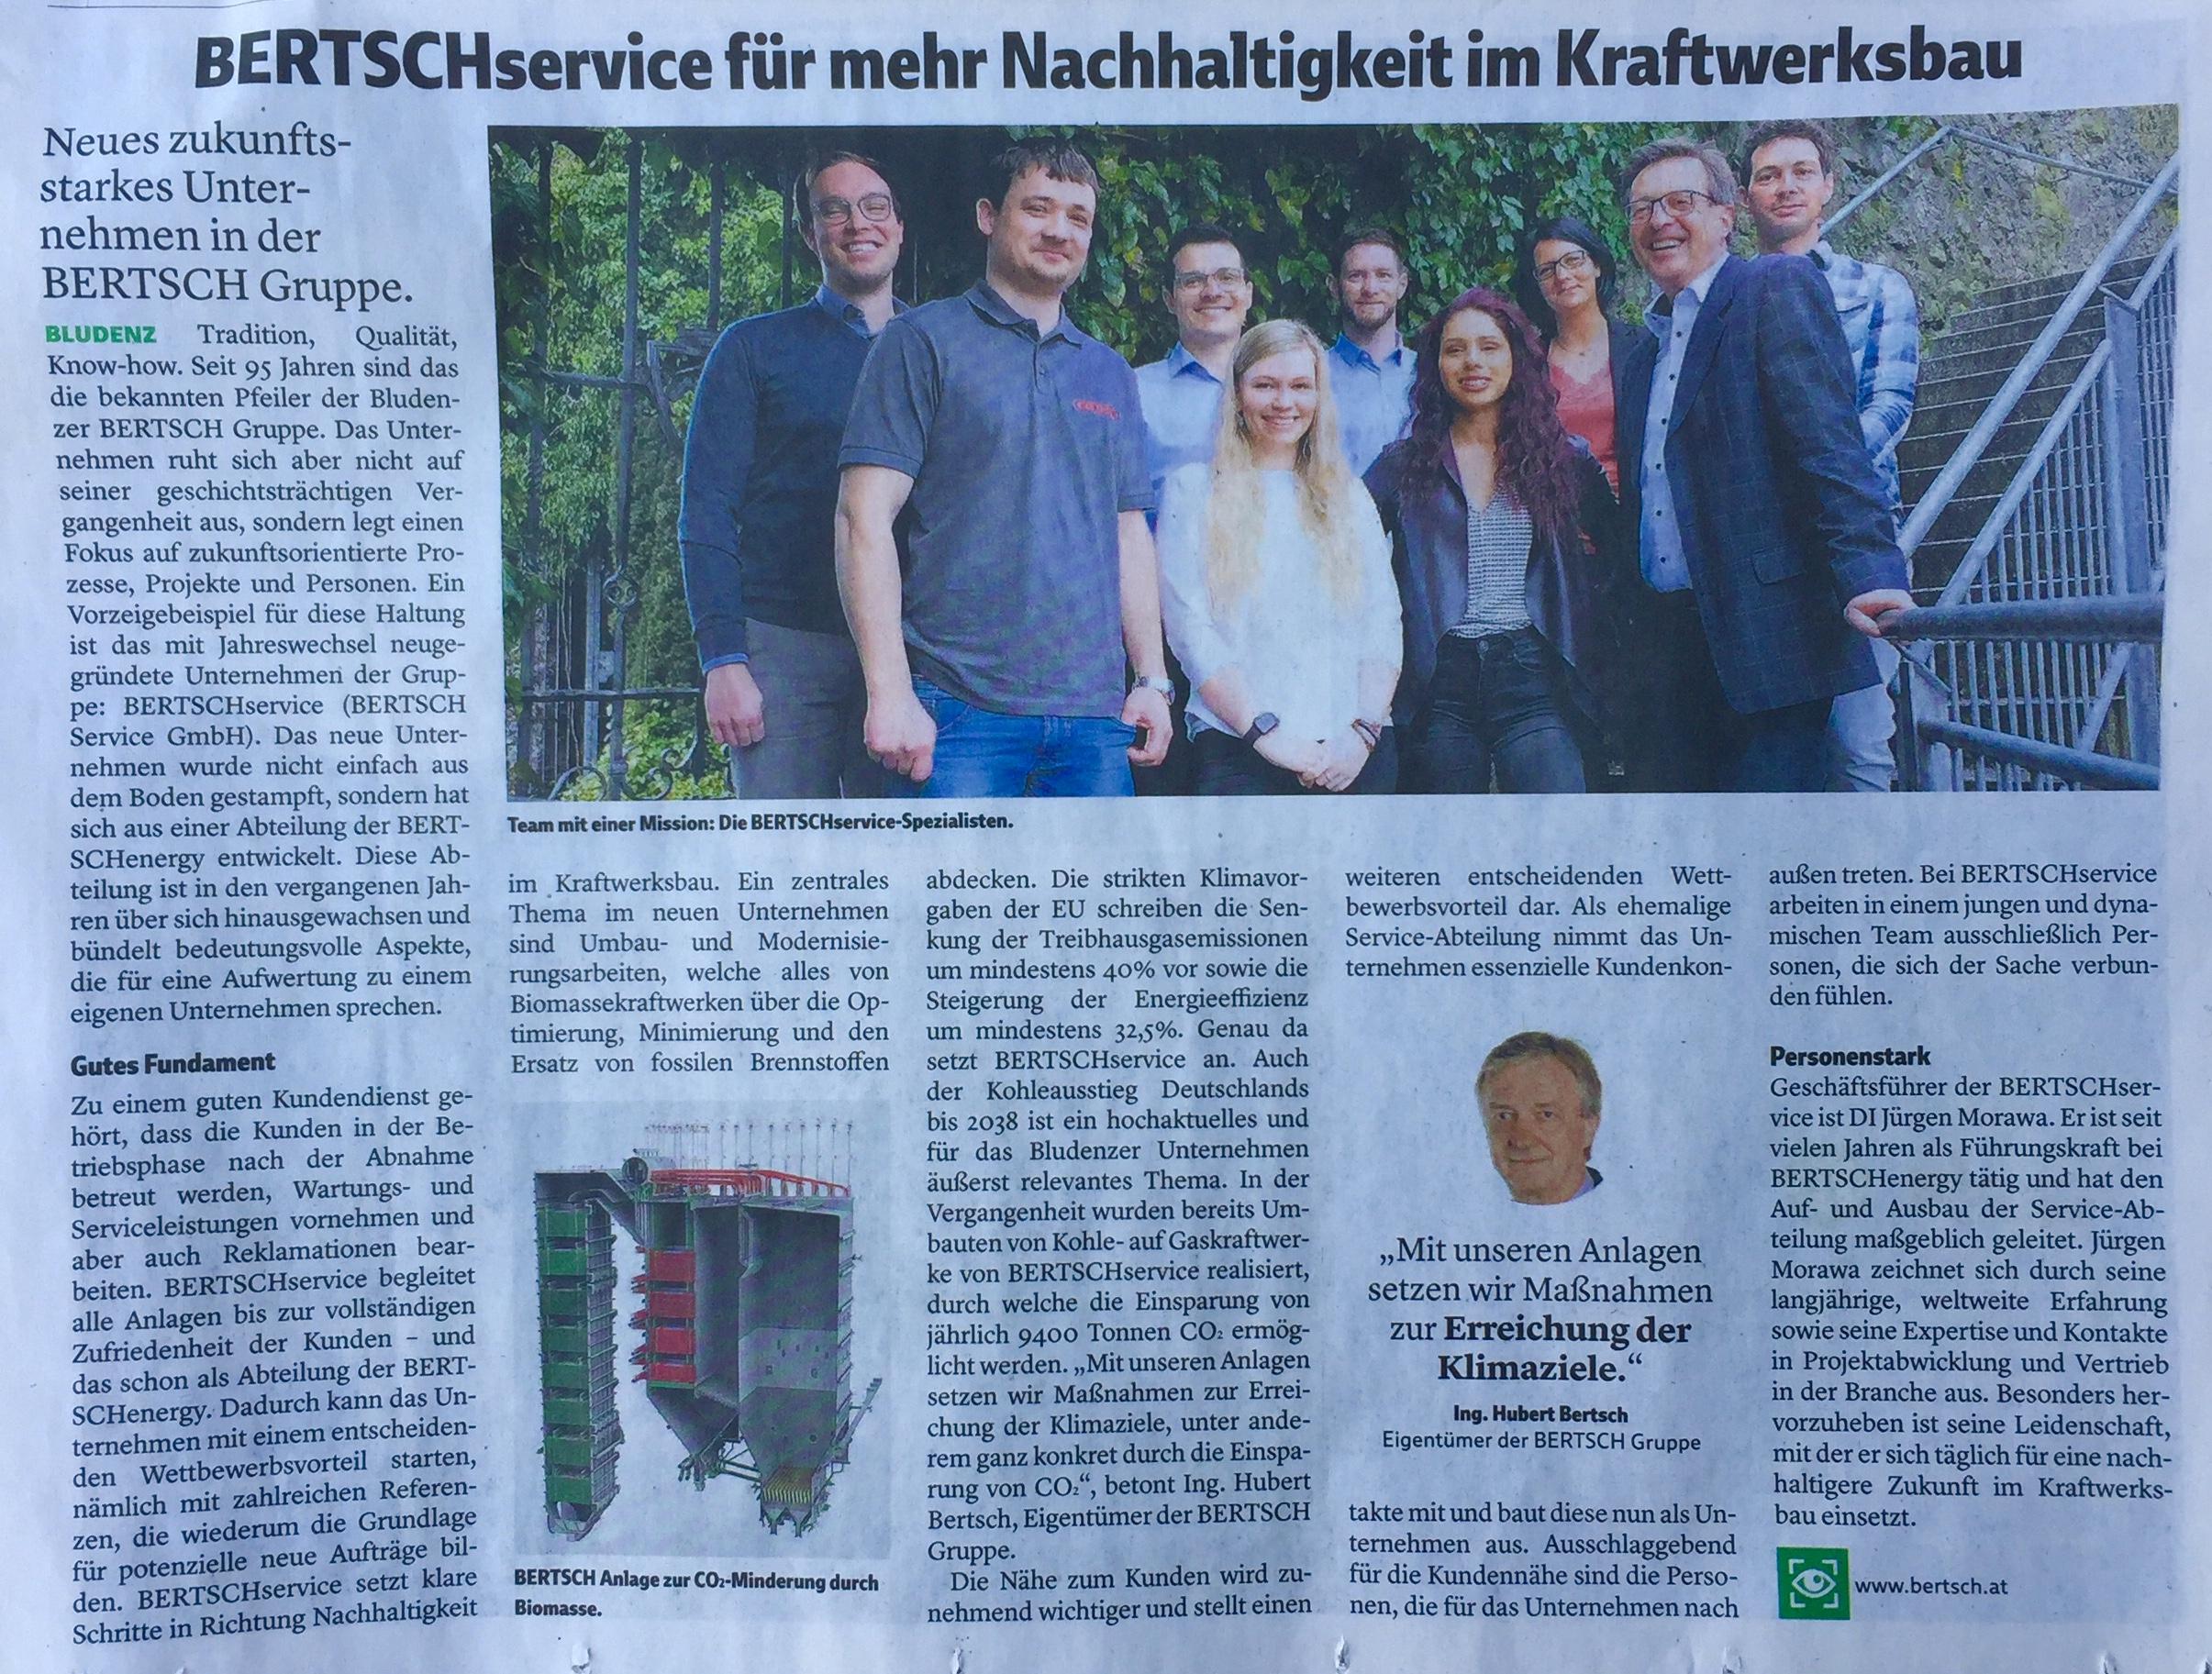 Innovative Ökotechnologien und BERTSCHservice für mehr Nachhaltigkeit im Kraftwerksbau, Ing. Hubert Bertsch www.bertsch.at, Verena Daum www.progression.at